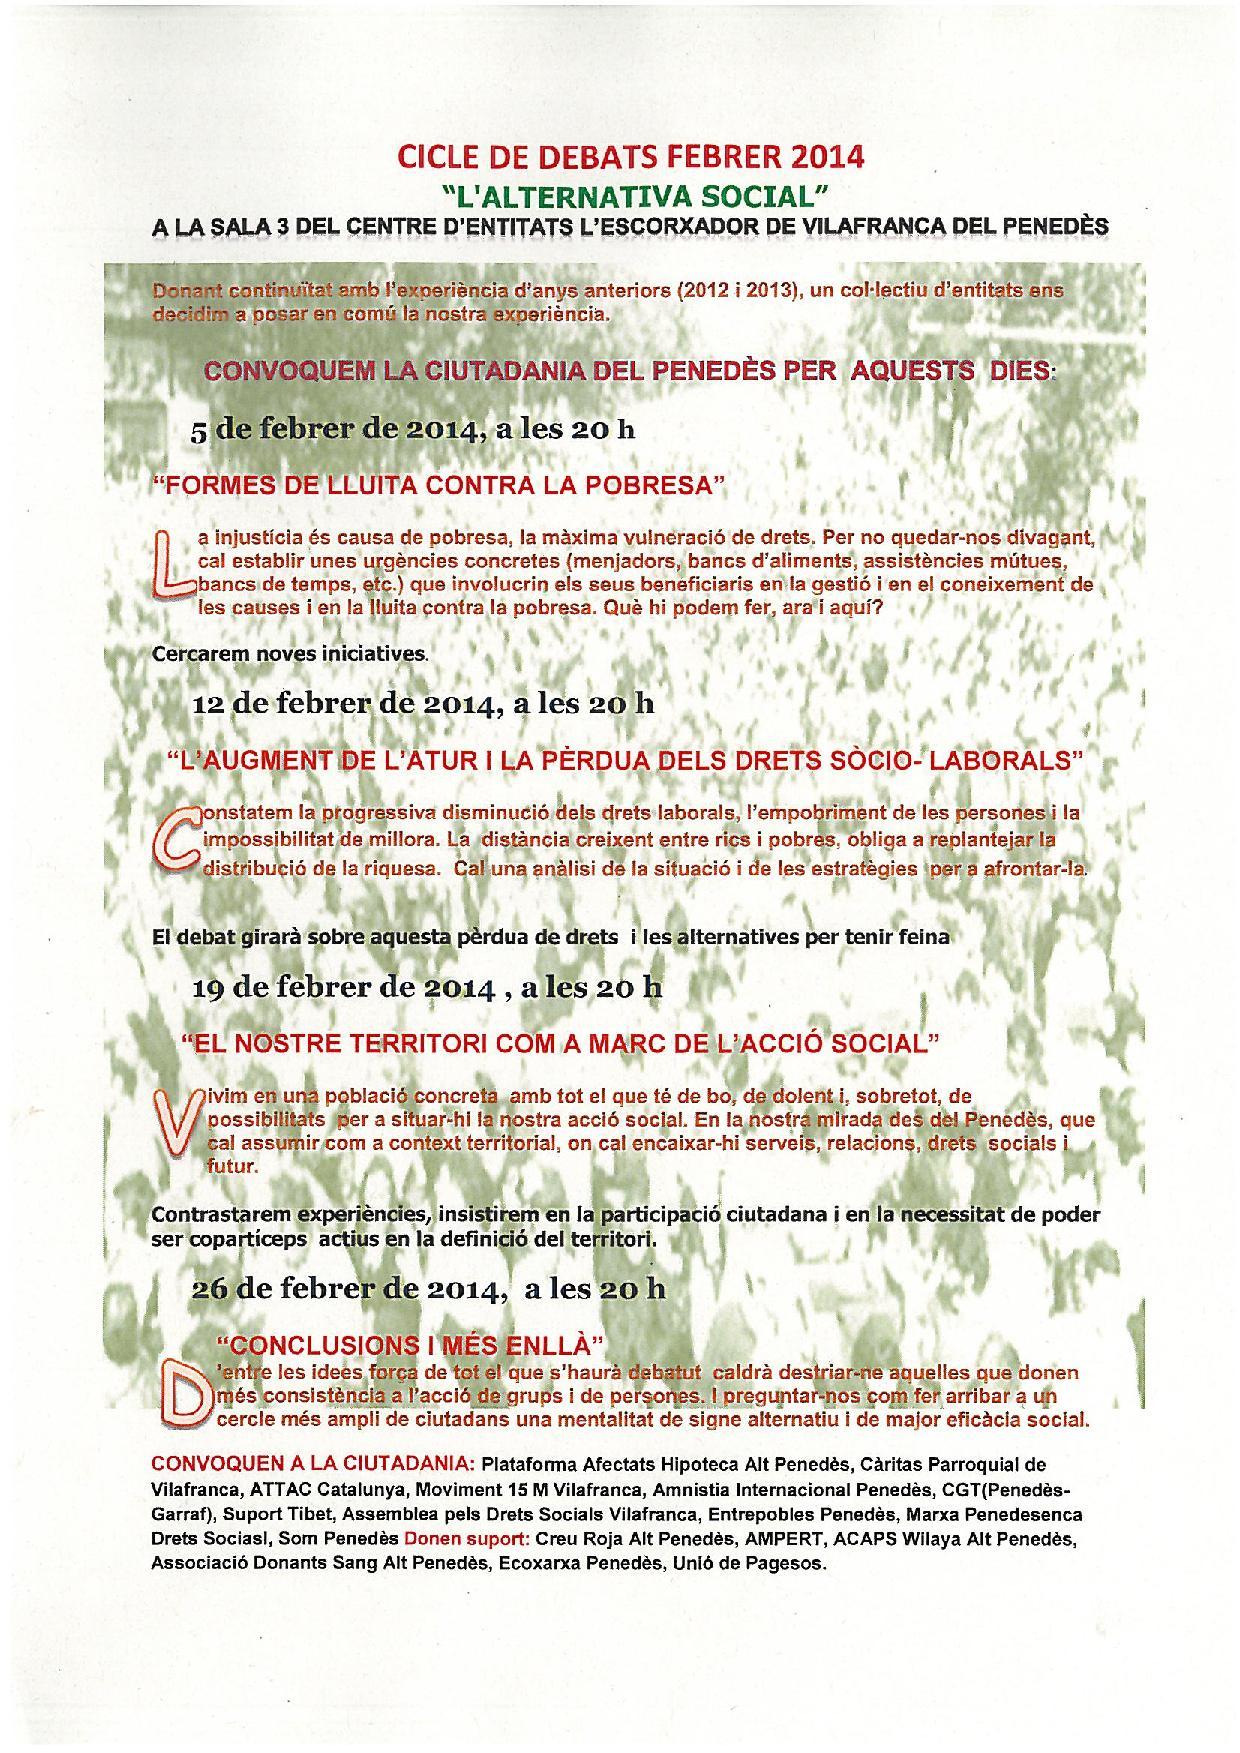 cartell_debats_febrer_2014_alternativa_social_a_vilafranca_del_penedes-page-001.jpg